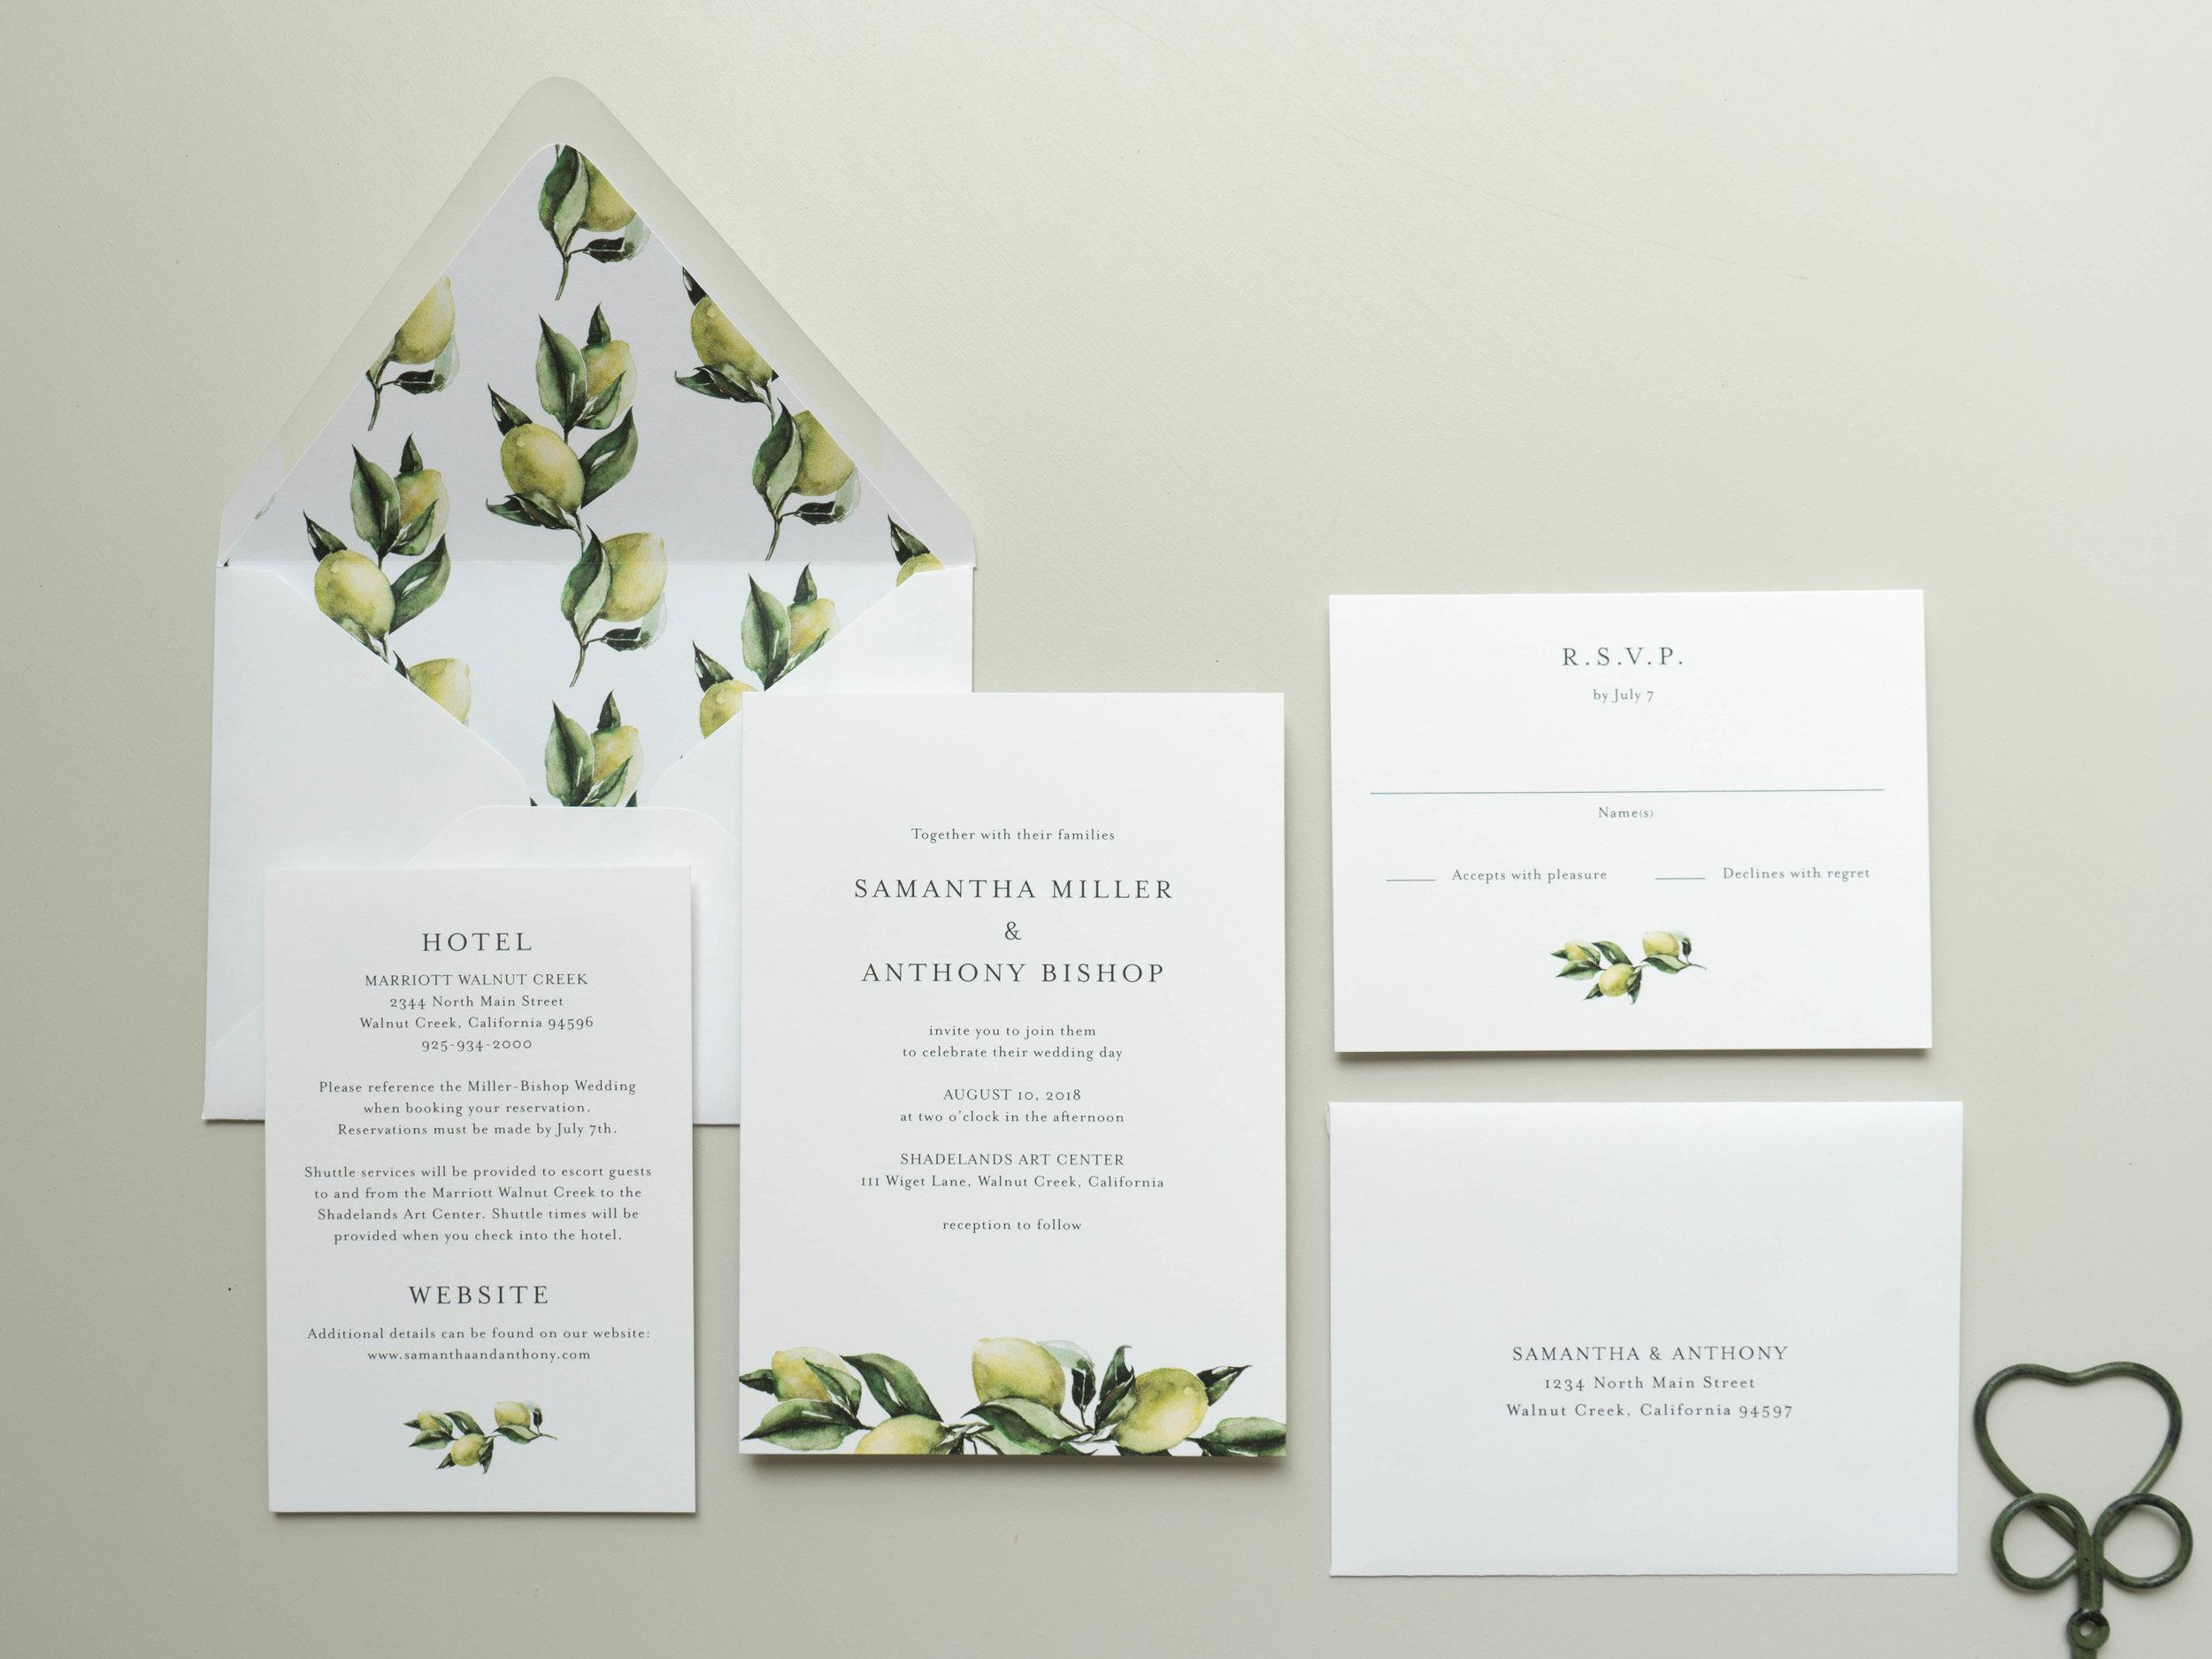 Mediterranean Wedding Invitations by Just Jurf-1.jpg